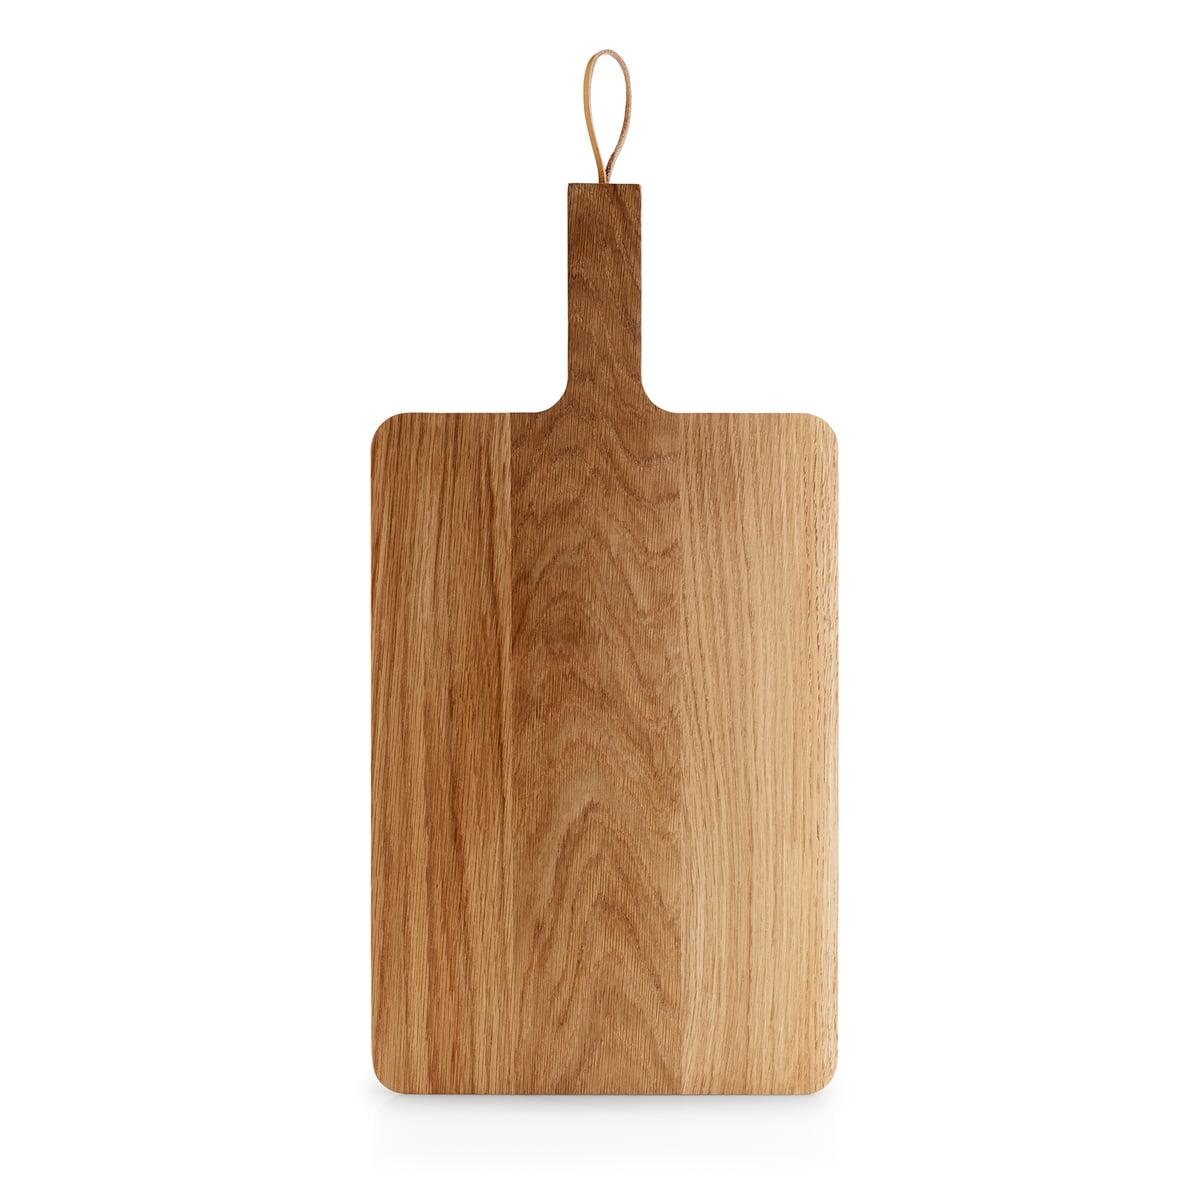 Eva solo - Nordic kitchen wooden cutting board, 32 x 24 cm